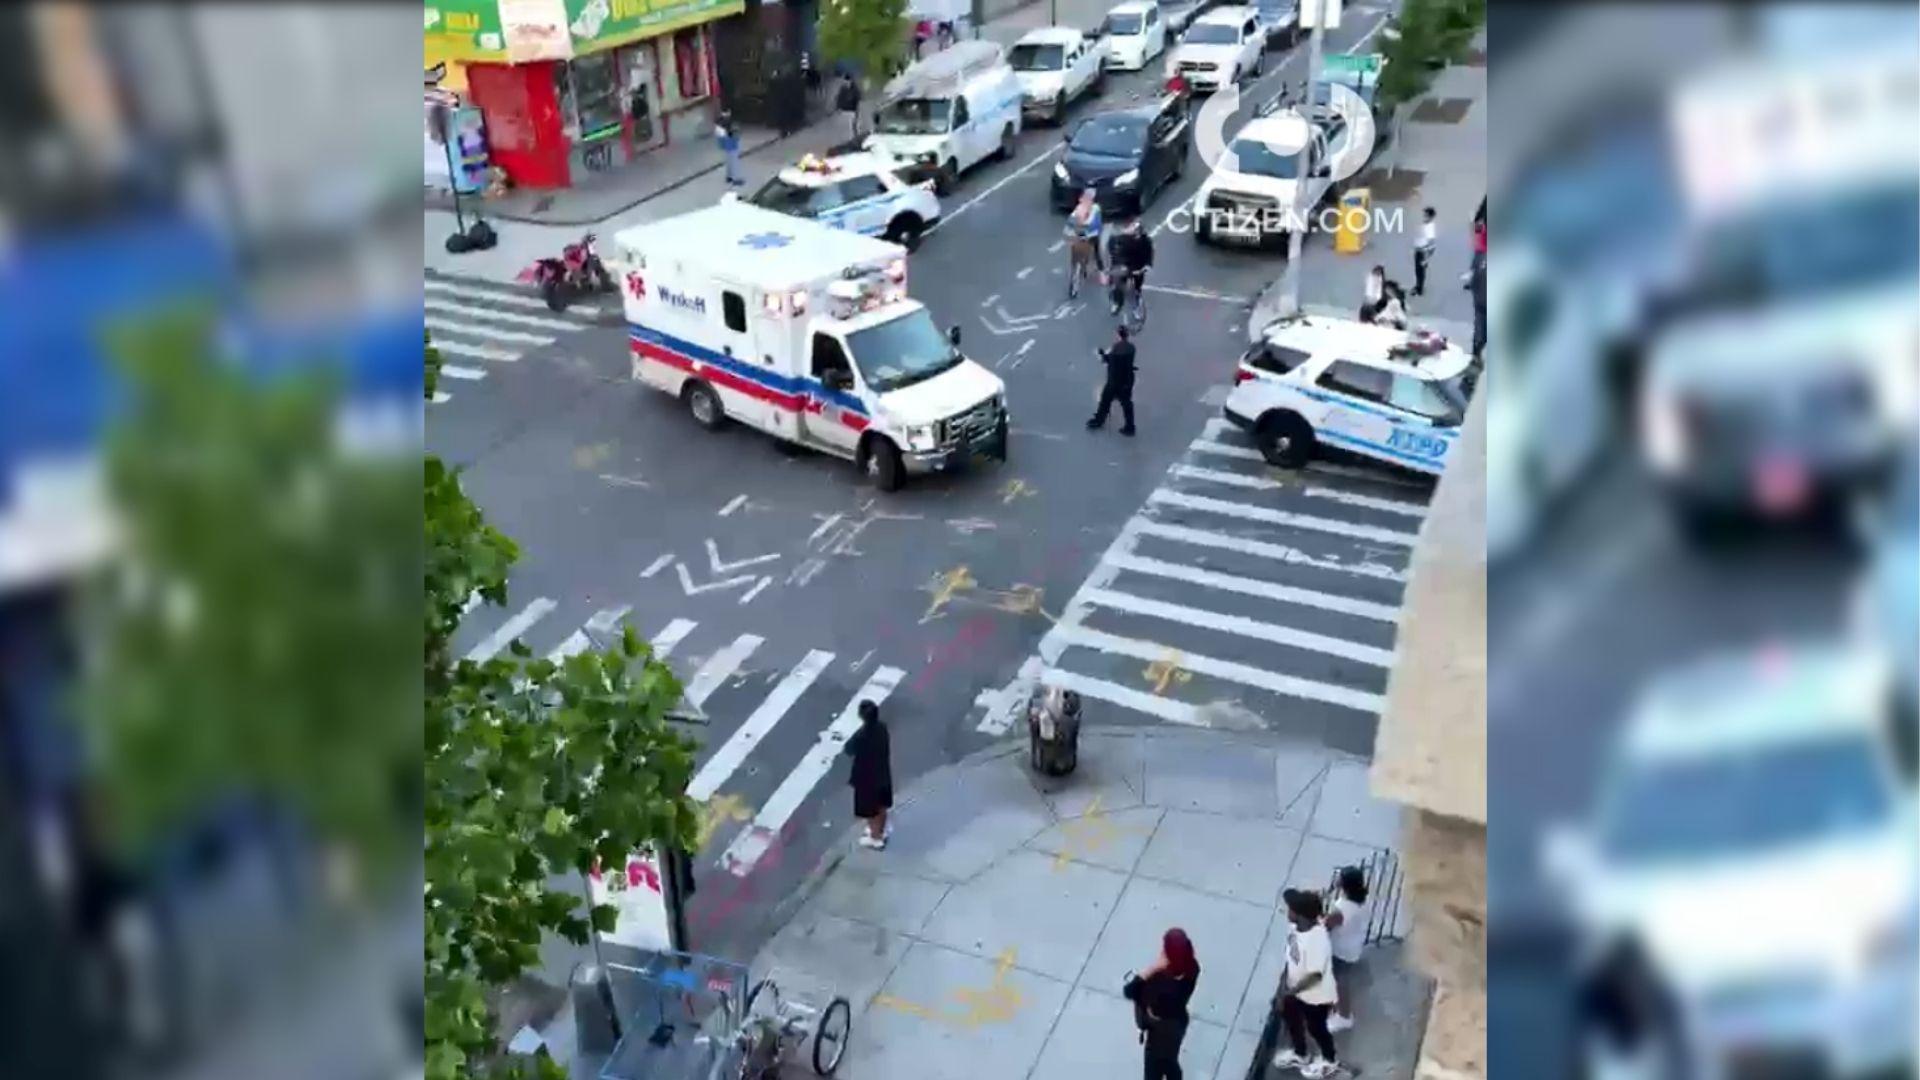 Police on the scene after 5 men were shot in Bushwick, Brooklyn